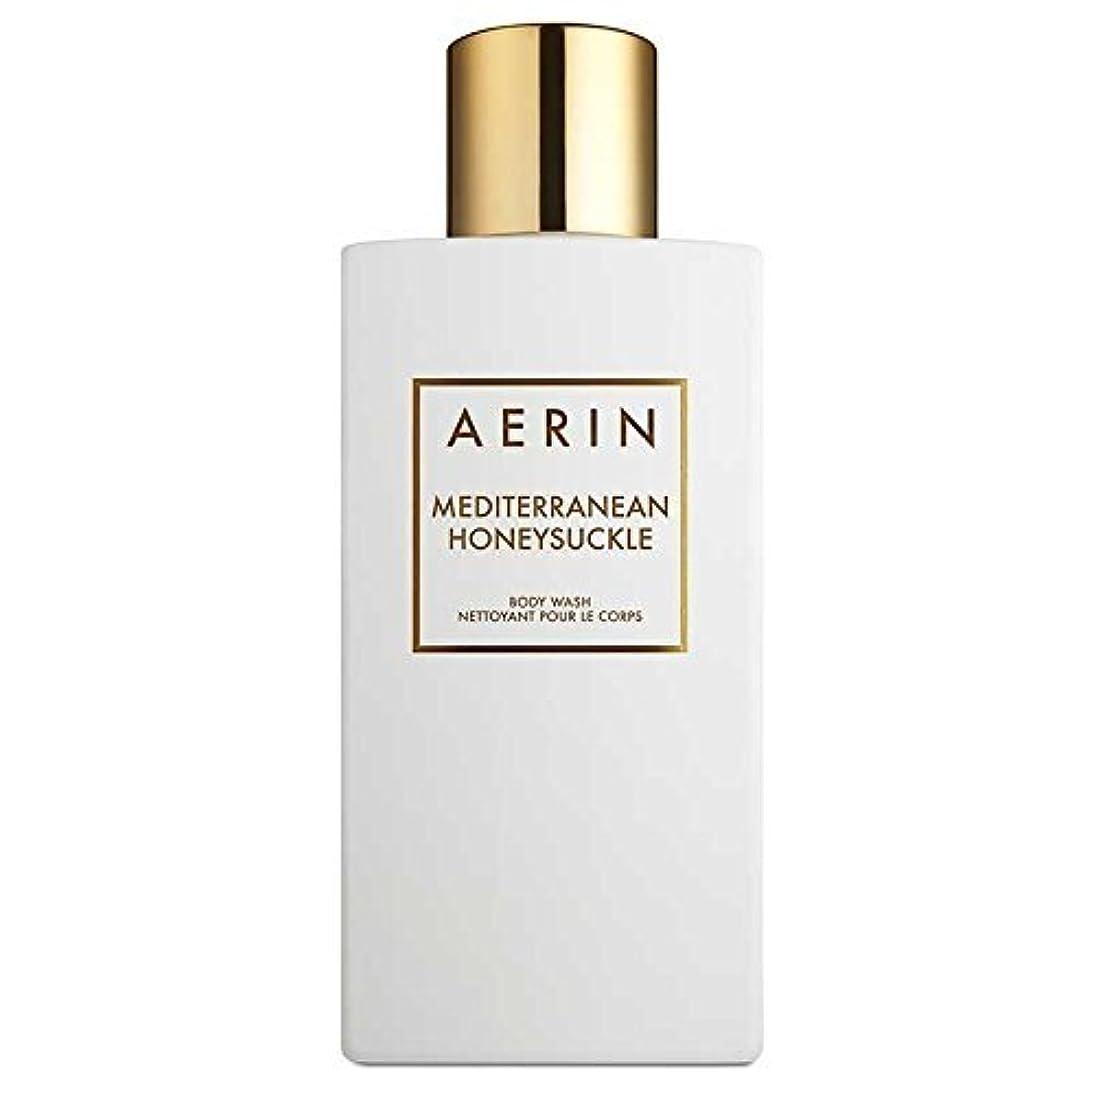 代表するクラブ余裕があるAERIN Mediterranean Honeysuckle (アエリン メディタレーニアン ハニーサックル) 7.6 oz (228ml) Body Wash ボディーウオッシュ by Estee Lauder for Women